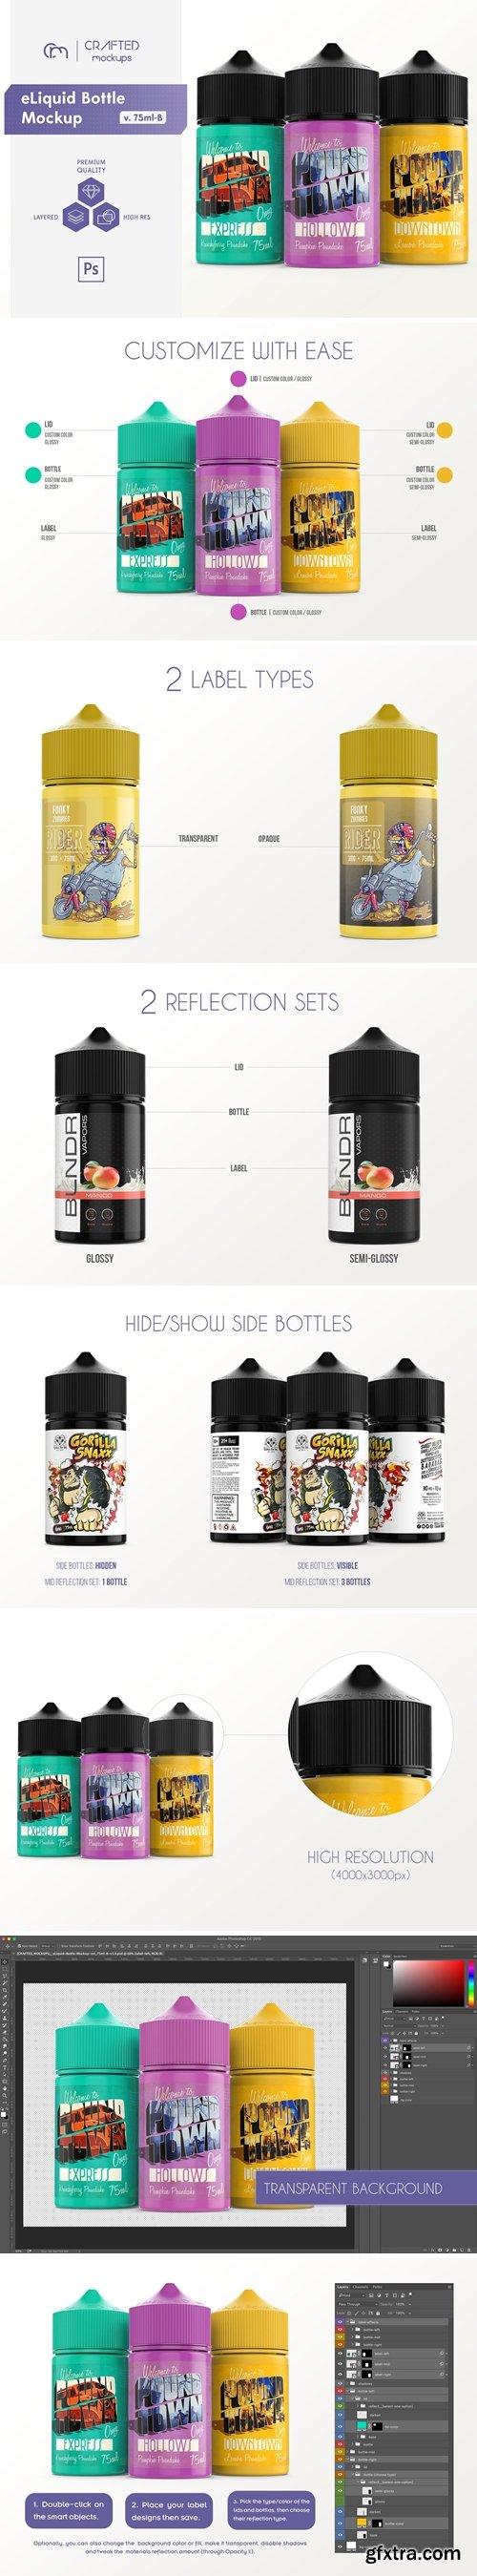 CM - eLiquid Bottle Mockup v. 75ml-B 4088547